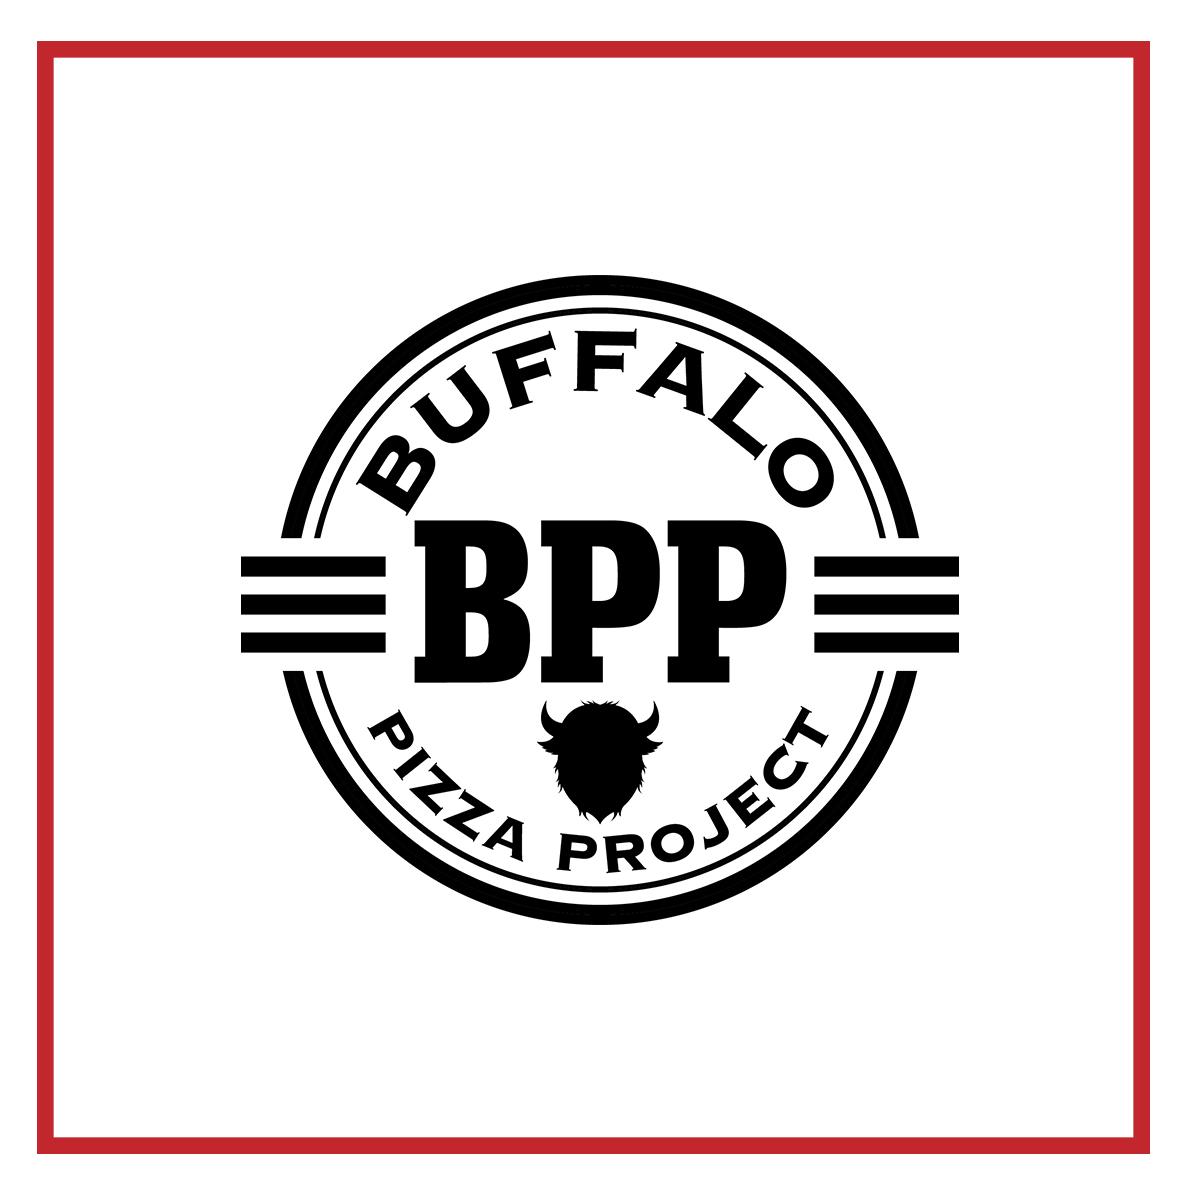 Buffalo Pizza Project